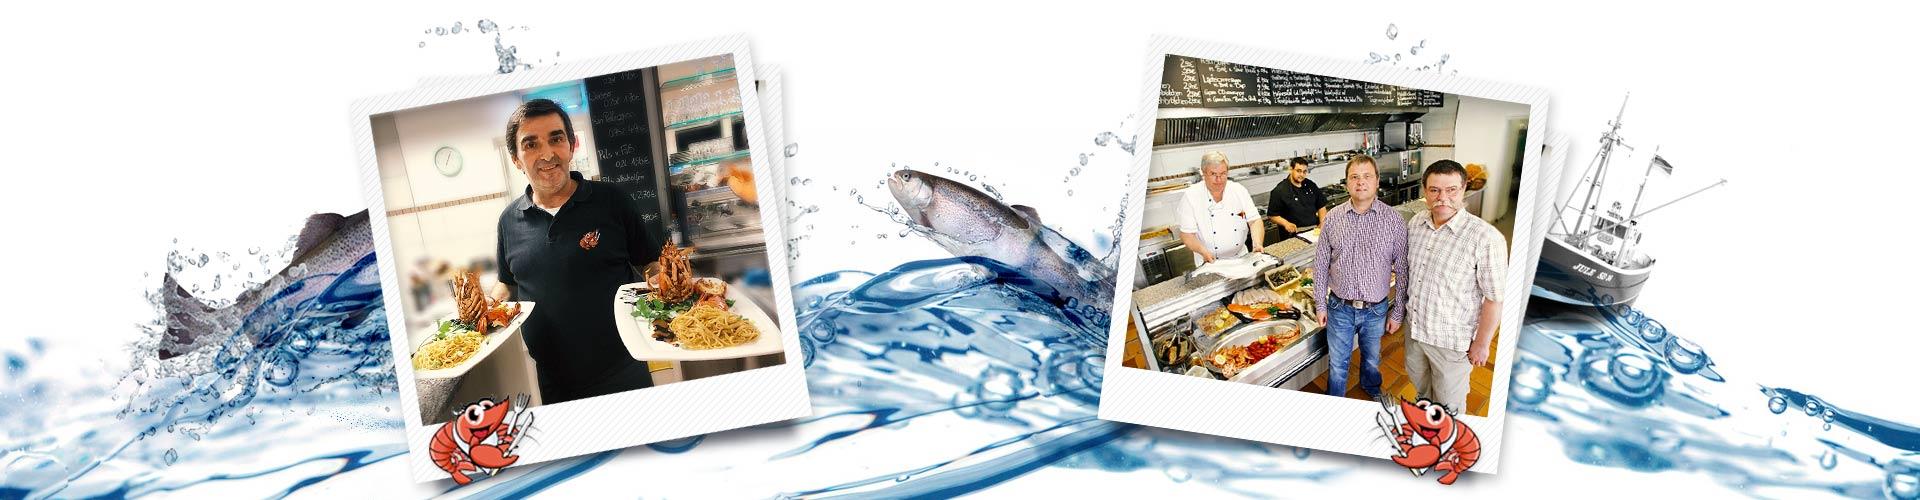 Schafled & Lampe - Fischrestaurant Bottrop